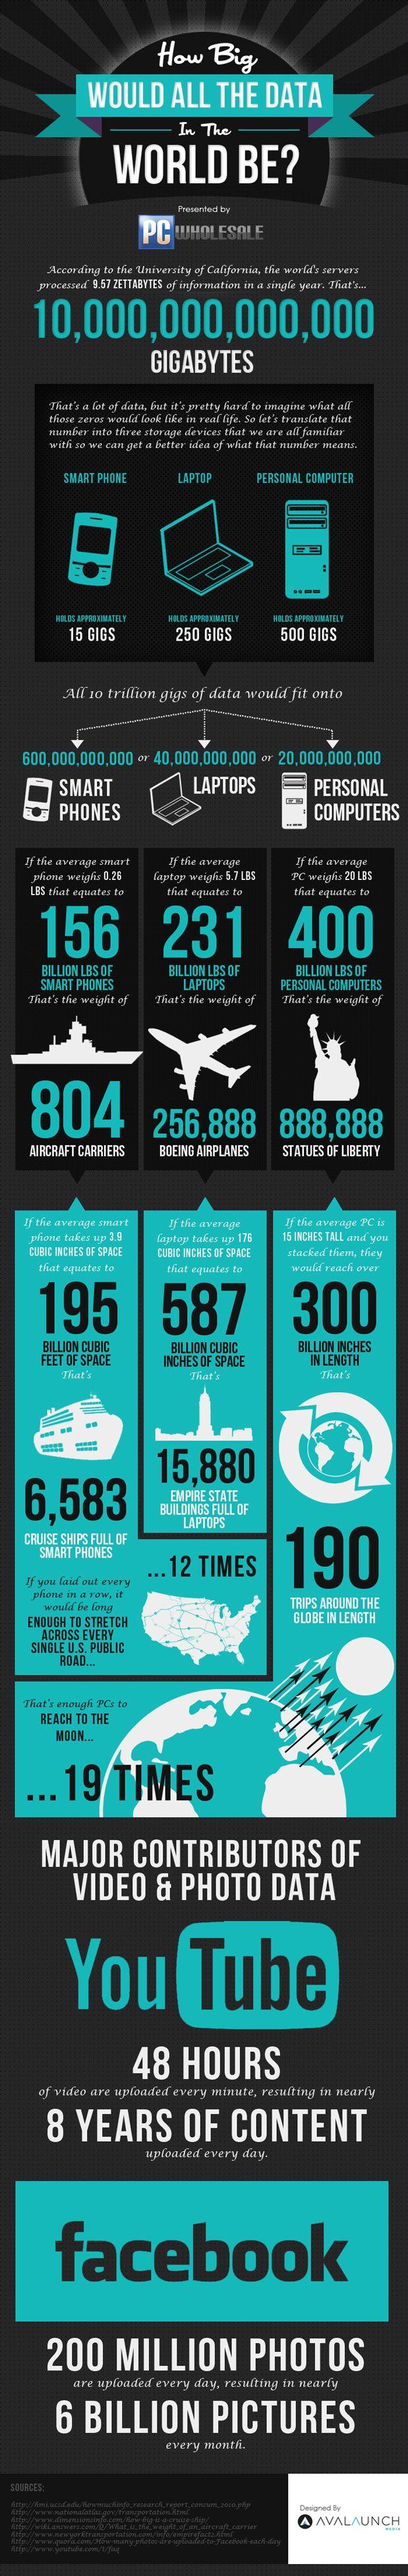 Big Data World-infographic